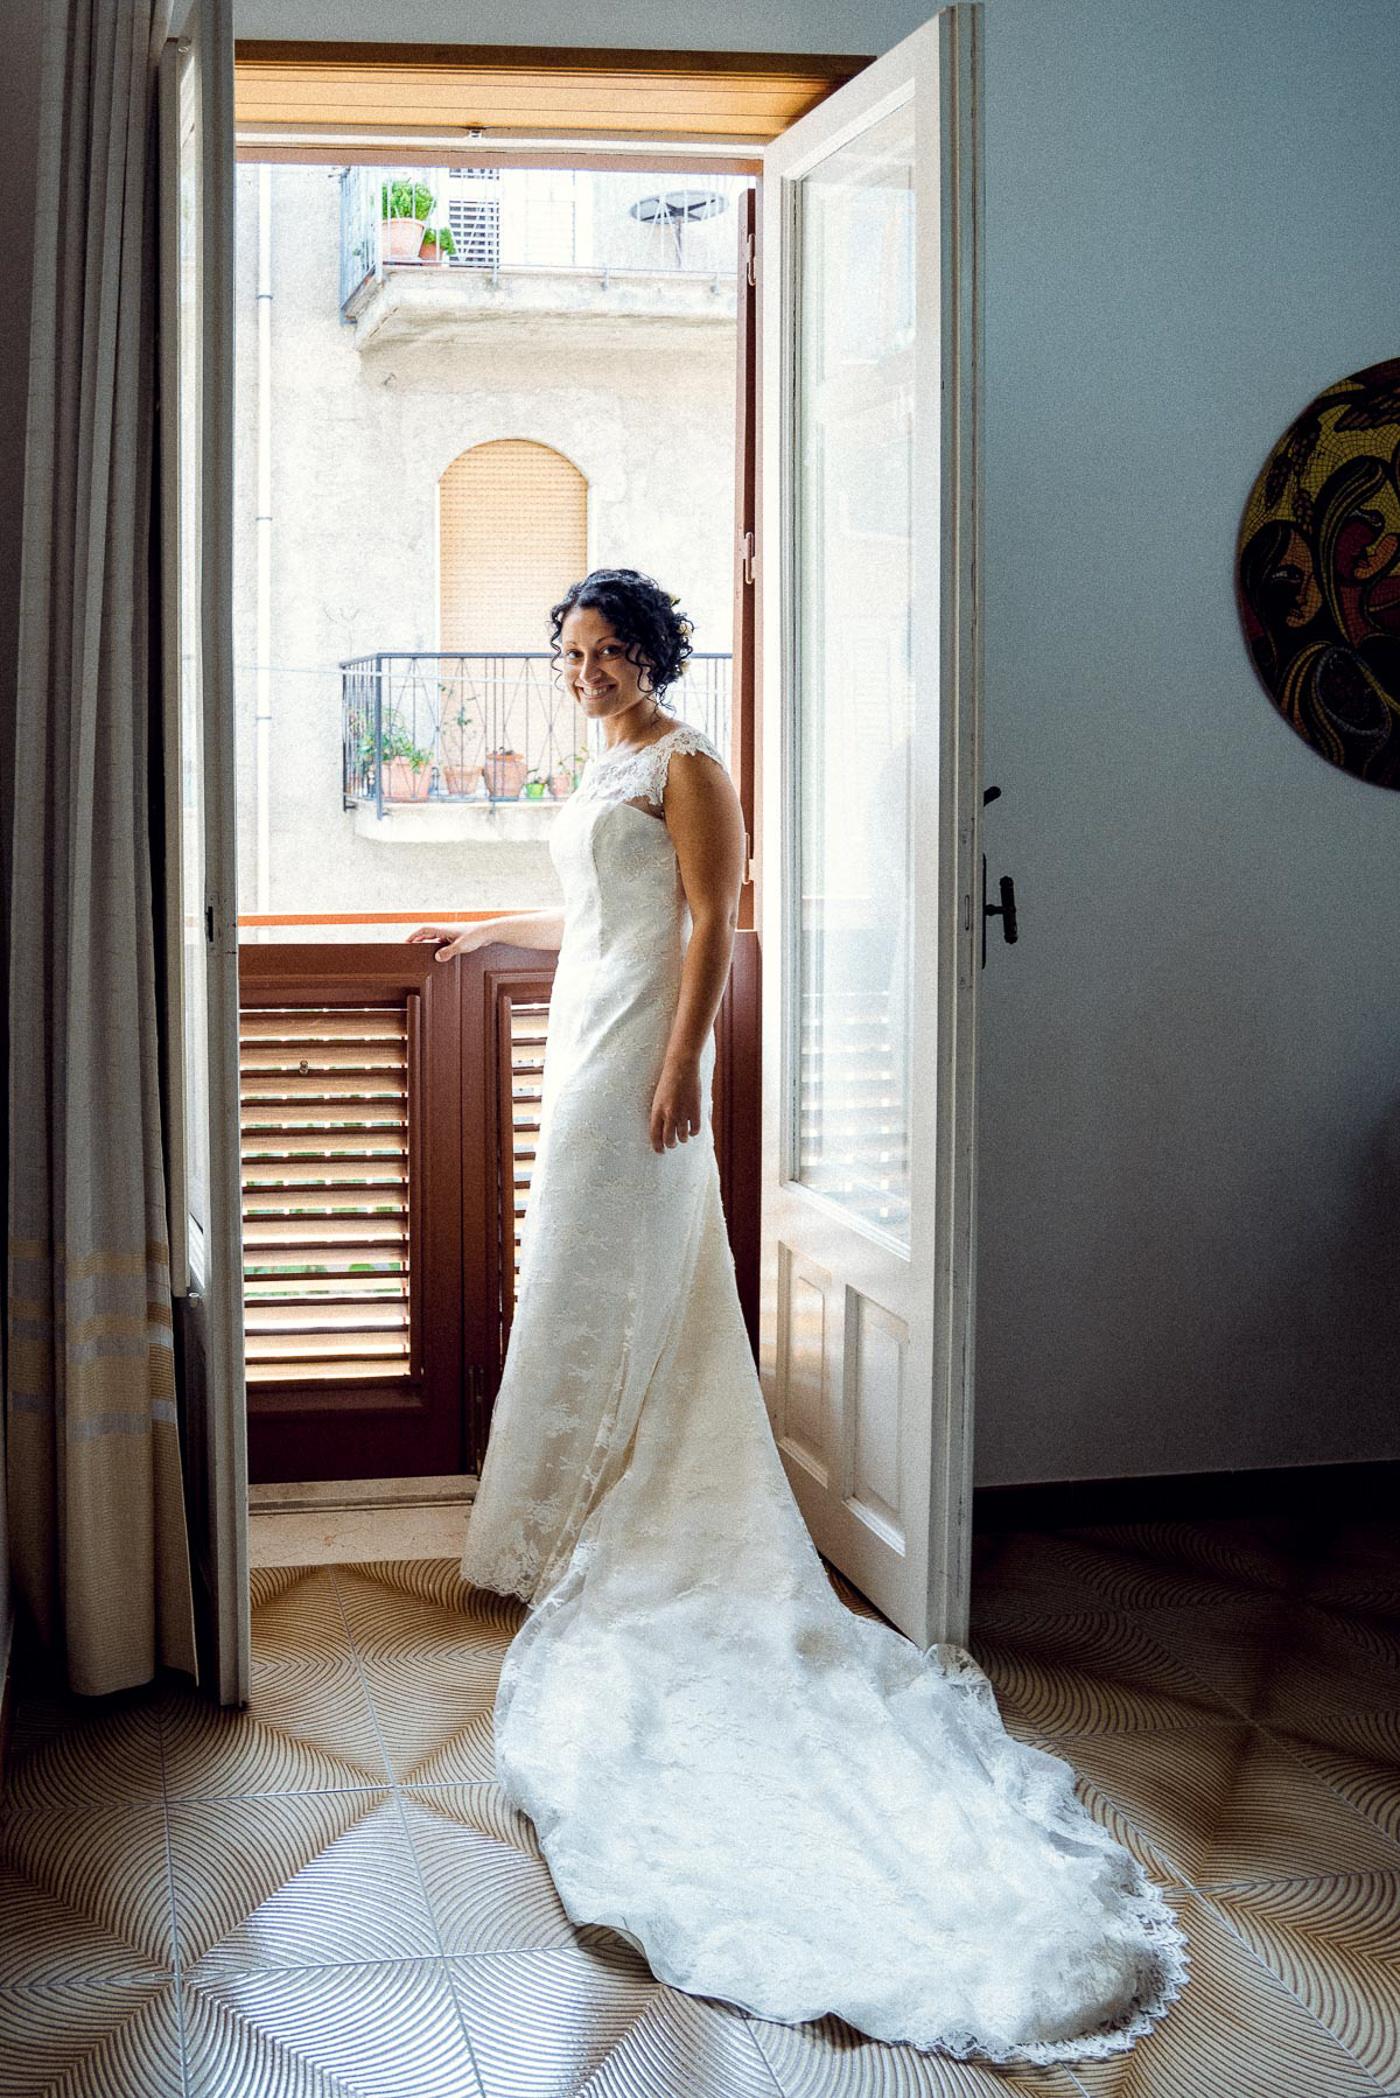 Hochzeitsreportage Sizilien Braut getting ready